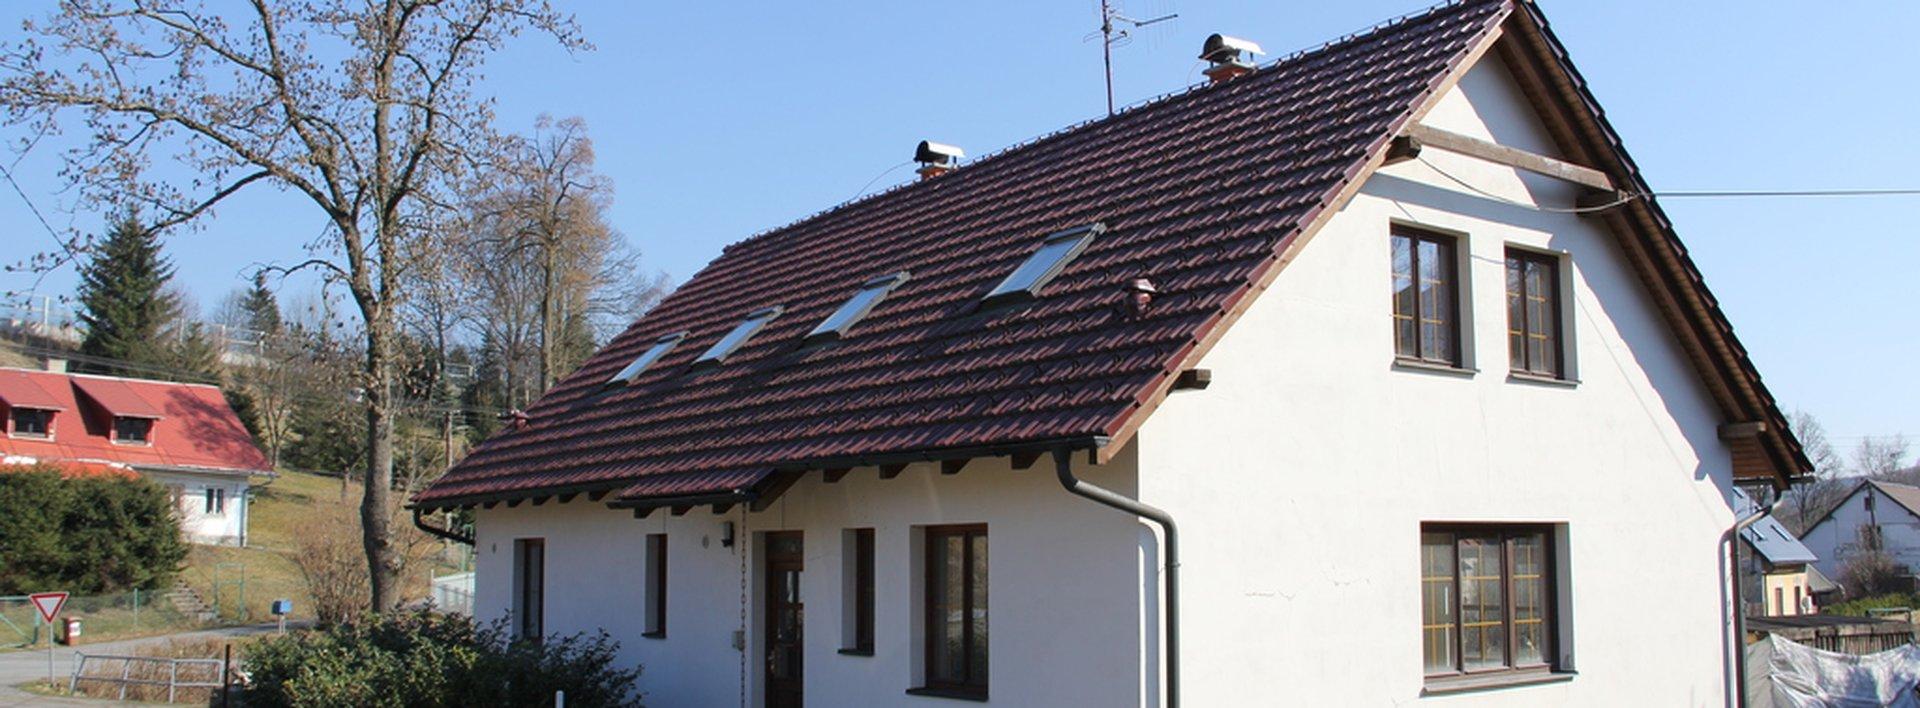 Prodej jedno až dvougeneračního rodinného domu, 200 m², Ev.č.: N47623